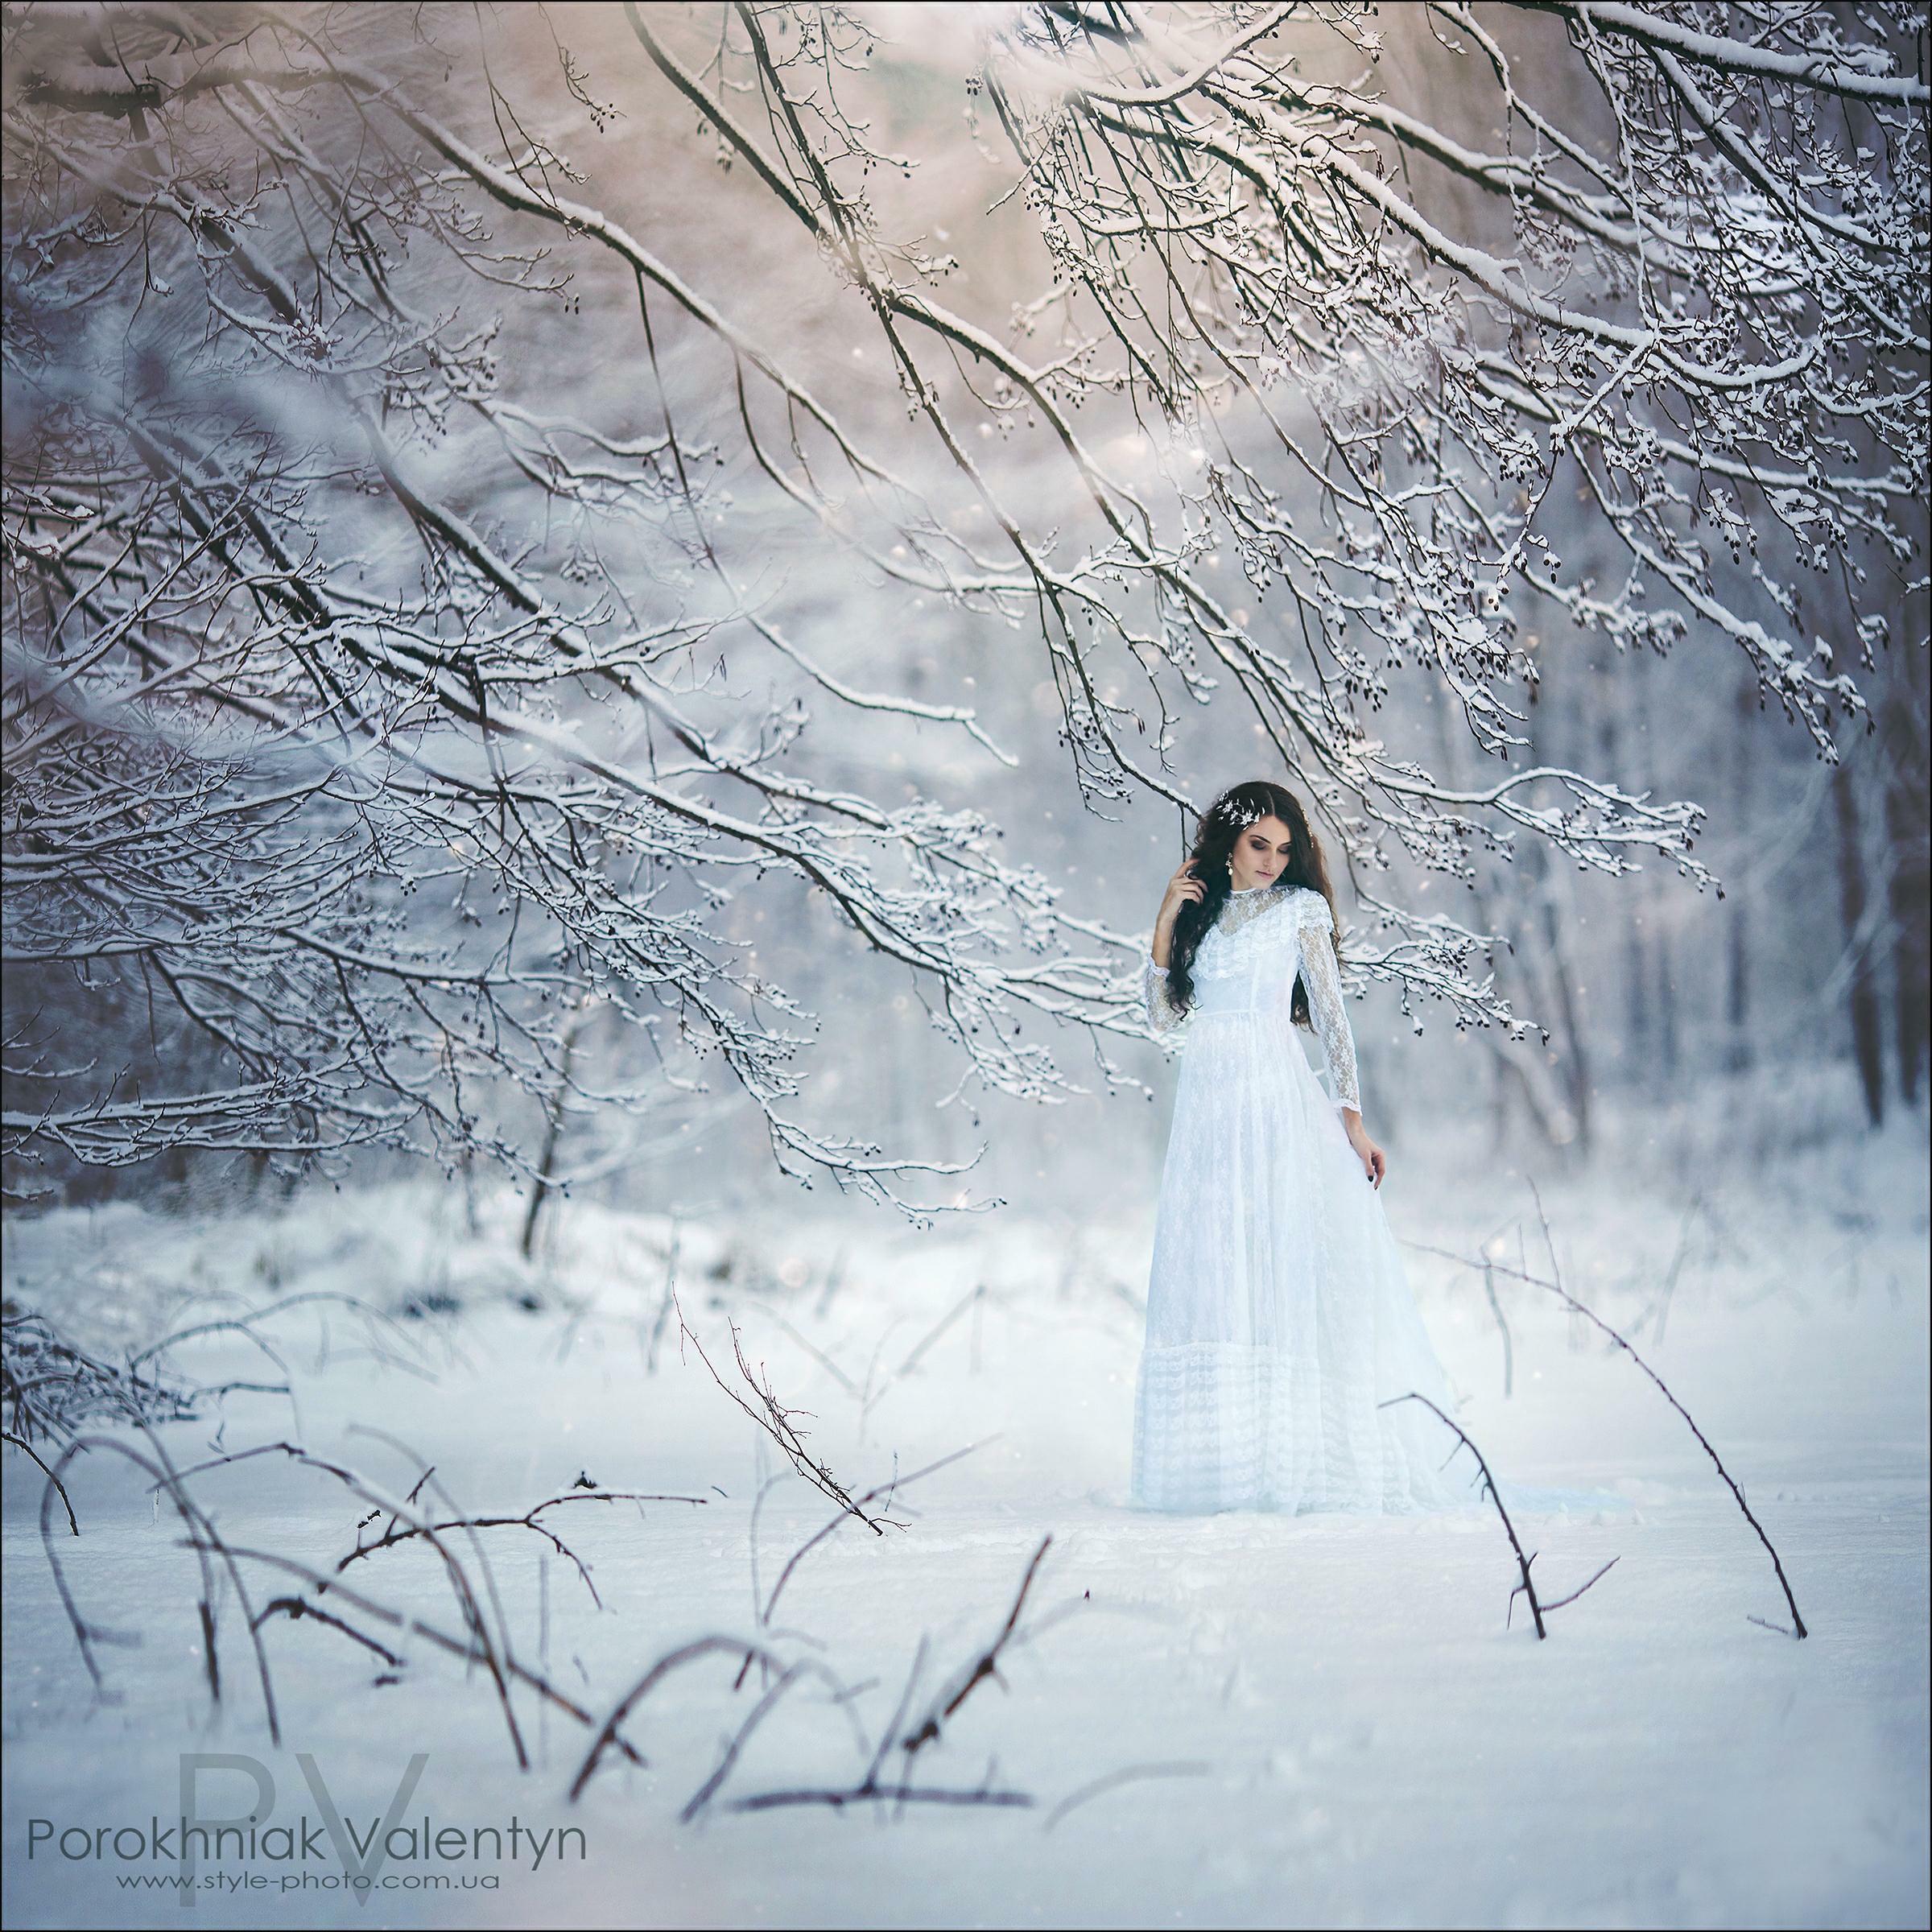 девушка, снег, вснегу, мороз,зима, платье, фотосессия, длинное платье, PV